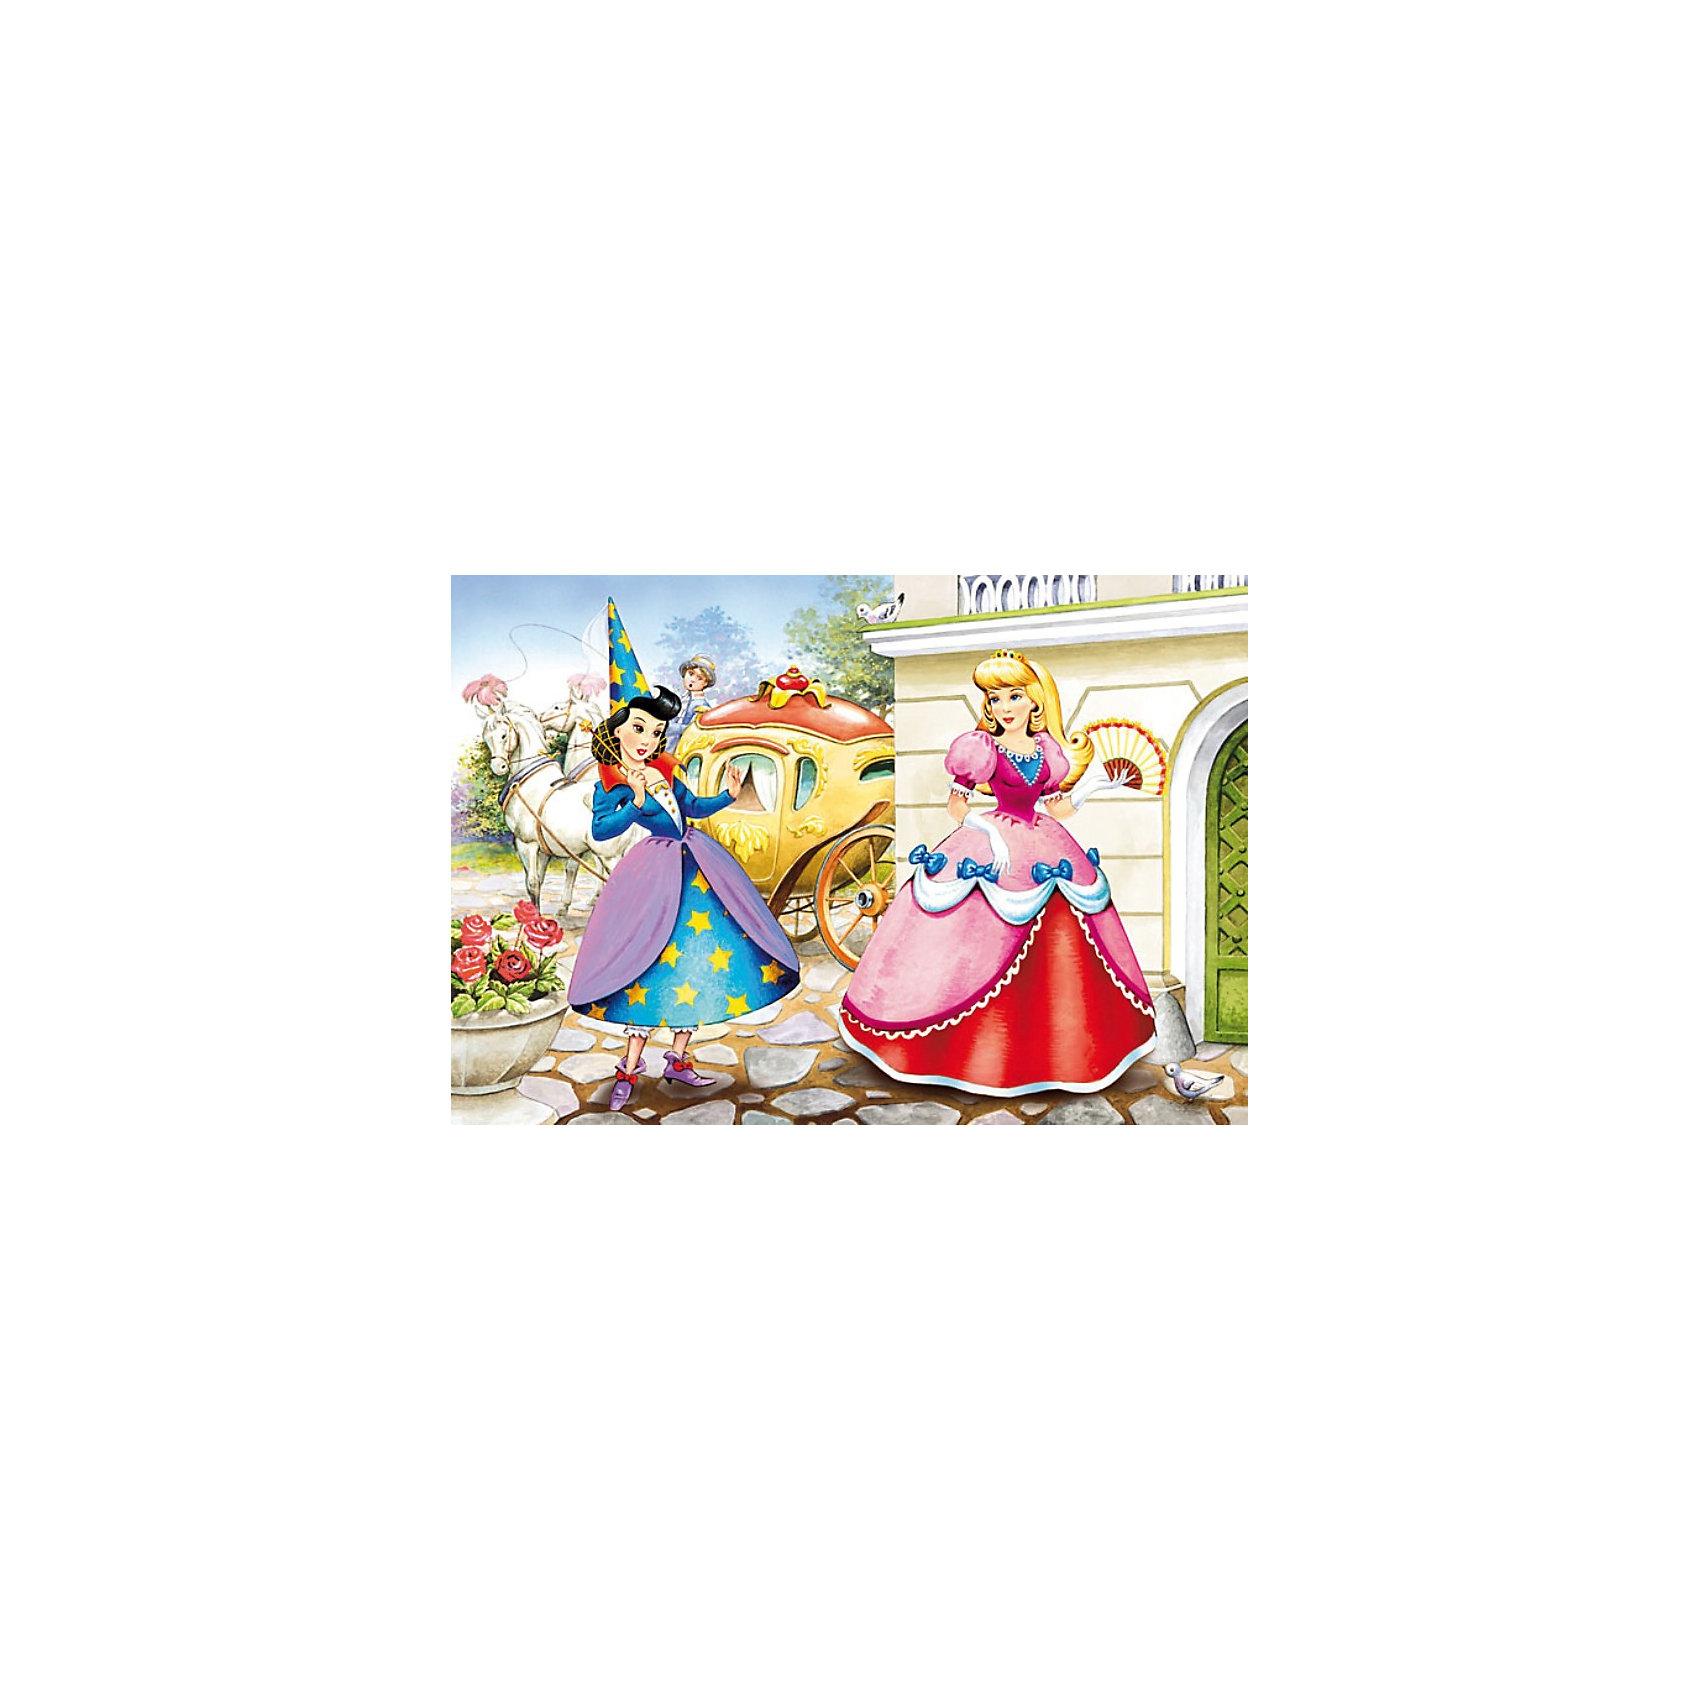 Пазл Золушка, 60 деталей, CastorlandПазлы Золушка, 60 деталей  - яркий, красивый и высококачественный детский пазл, созданный по мотивам любимой сказки.<br><br>Дополнительная информация:<br><br>- Кол-во деталей: 60 шт.<br>- Материал: картон.<br>- Размер собранной картинки: 32 х 23 см.<br>- Размеры: 130x180x35 мм<br><br>Ширина мм: 180<br>Глубина мм: 40<br>Высота мм: 130<br>Вес г: 150<br>Возраст от месяцев: 36<br>Возраст до месяцев: 84<br>Пол: Женский<br>Возраст: Детский<br>Количество деталей: 60<br>SKU: 2562344